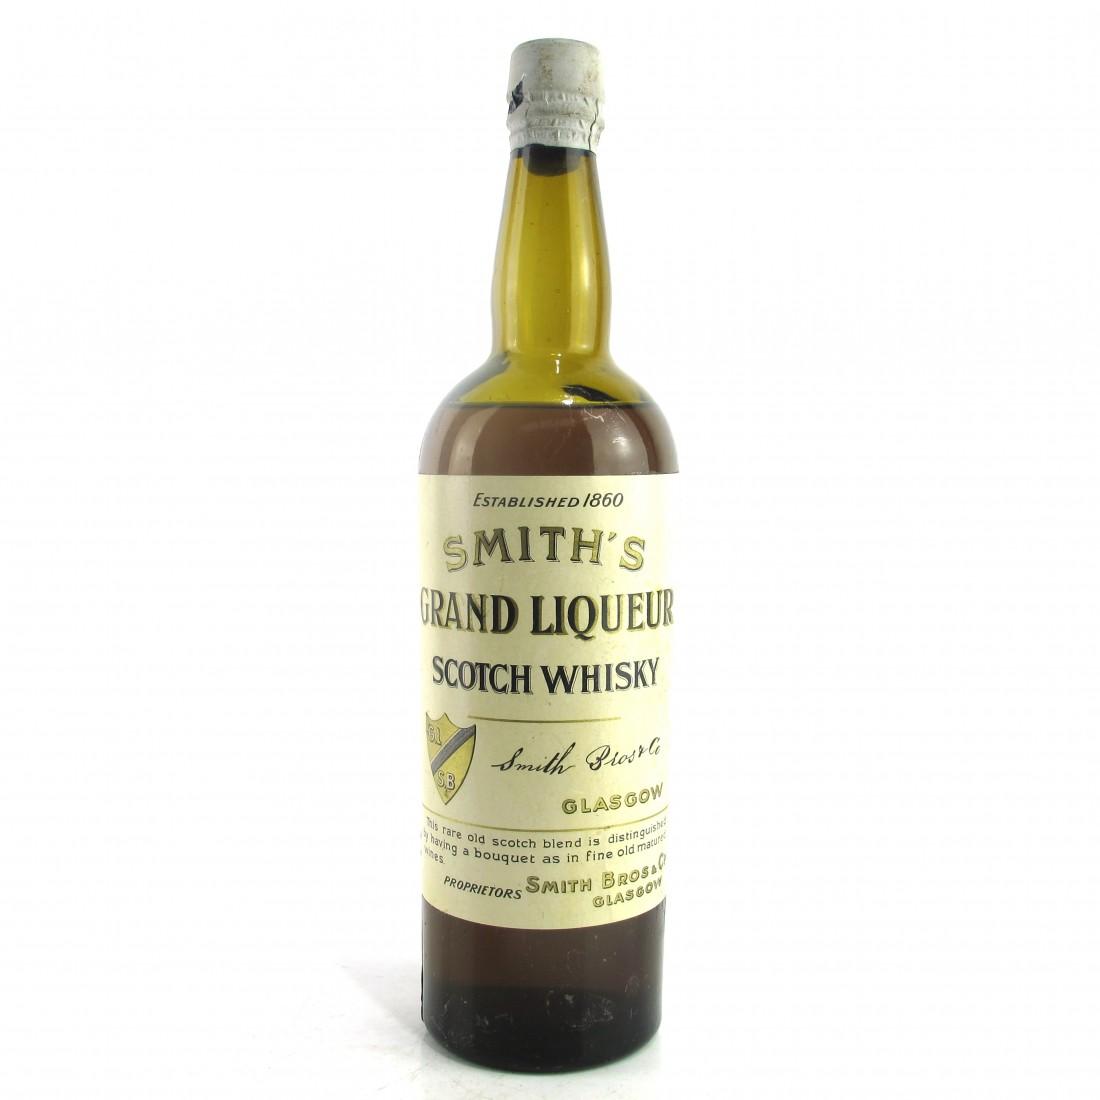 Grand Liqueur Scotch Whisky, Pre-1910